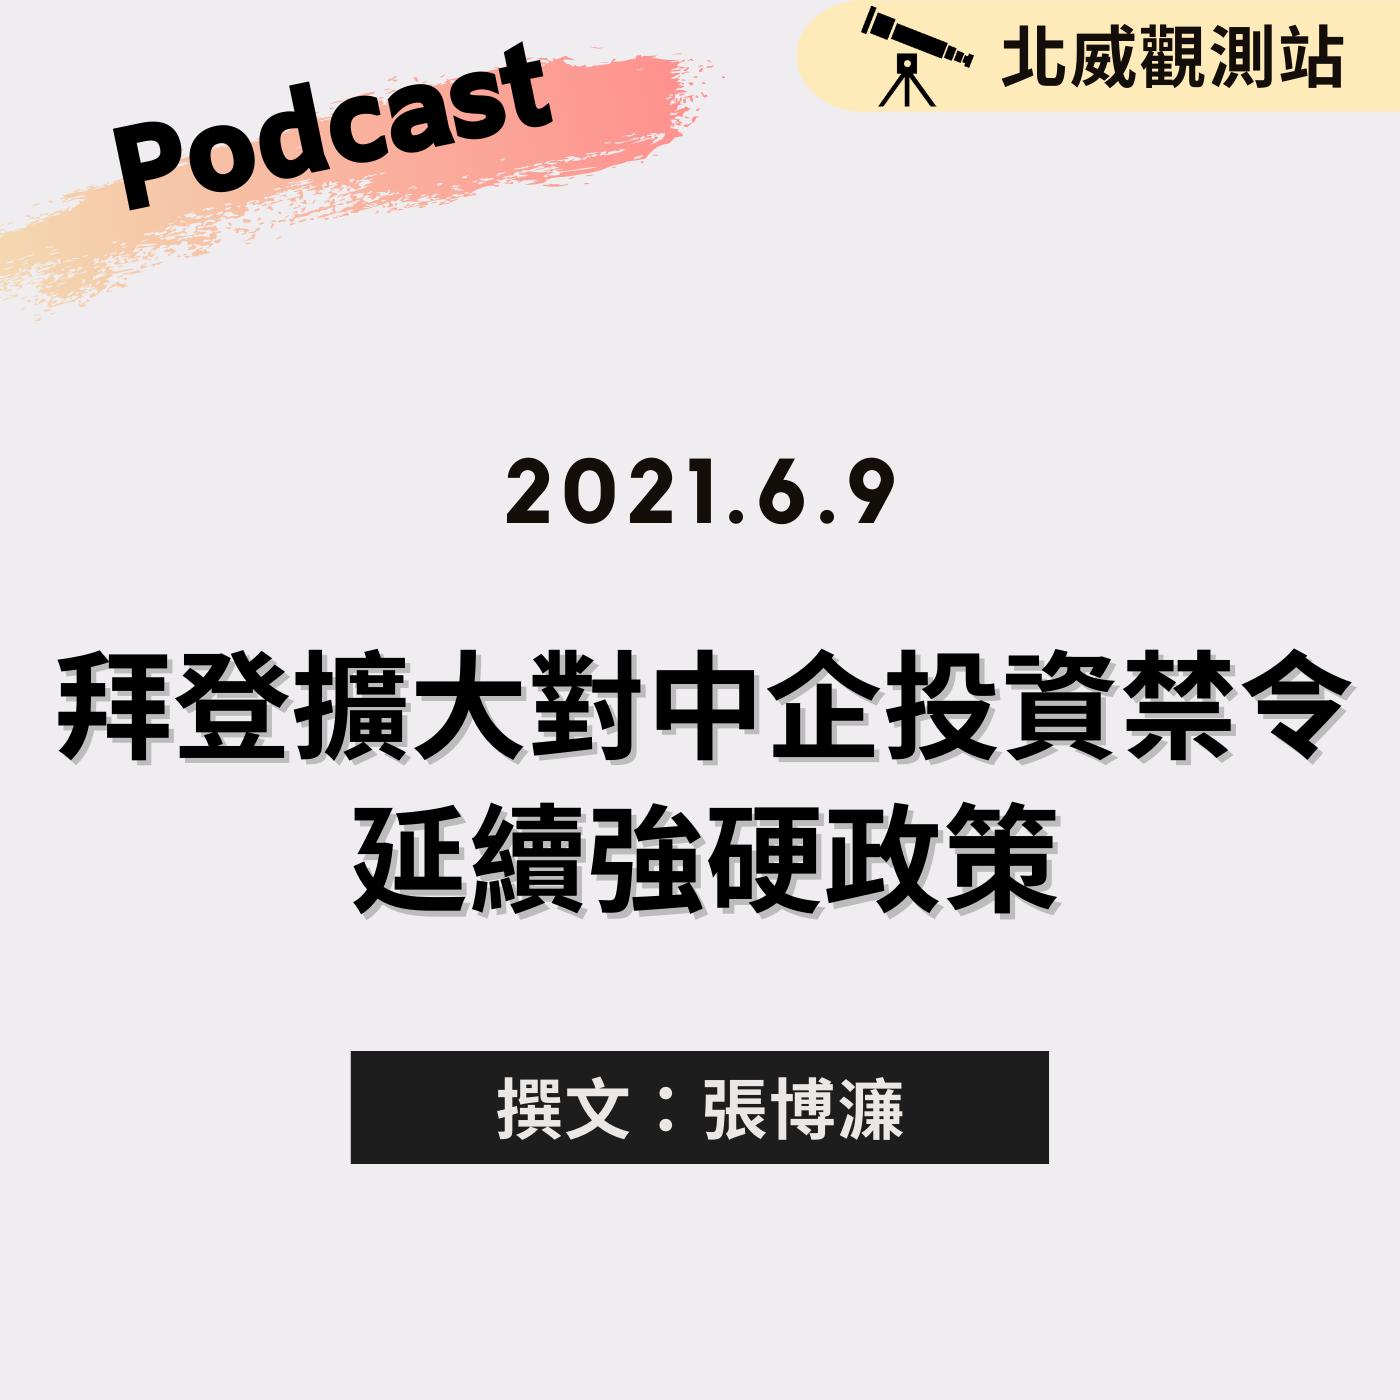 """""""拜登擴大對中企投資禁令 延續強硬政策"""" 2021.6.9"""